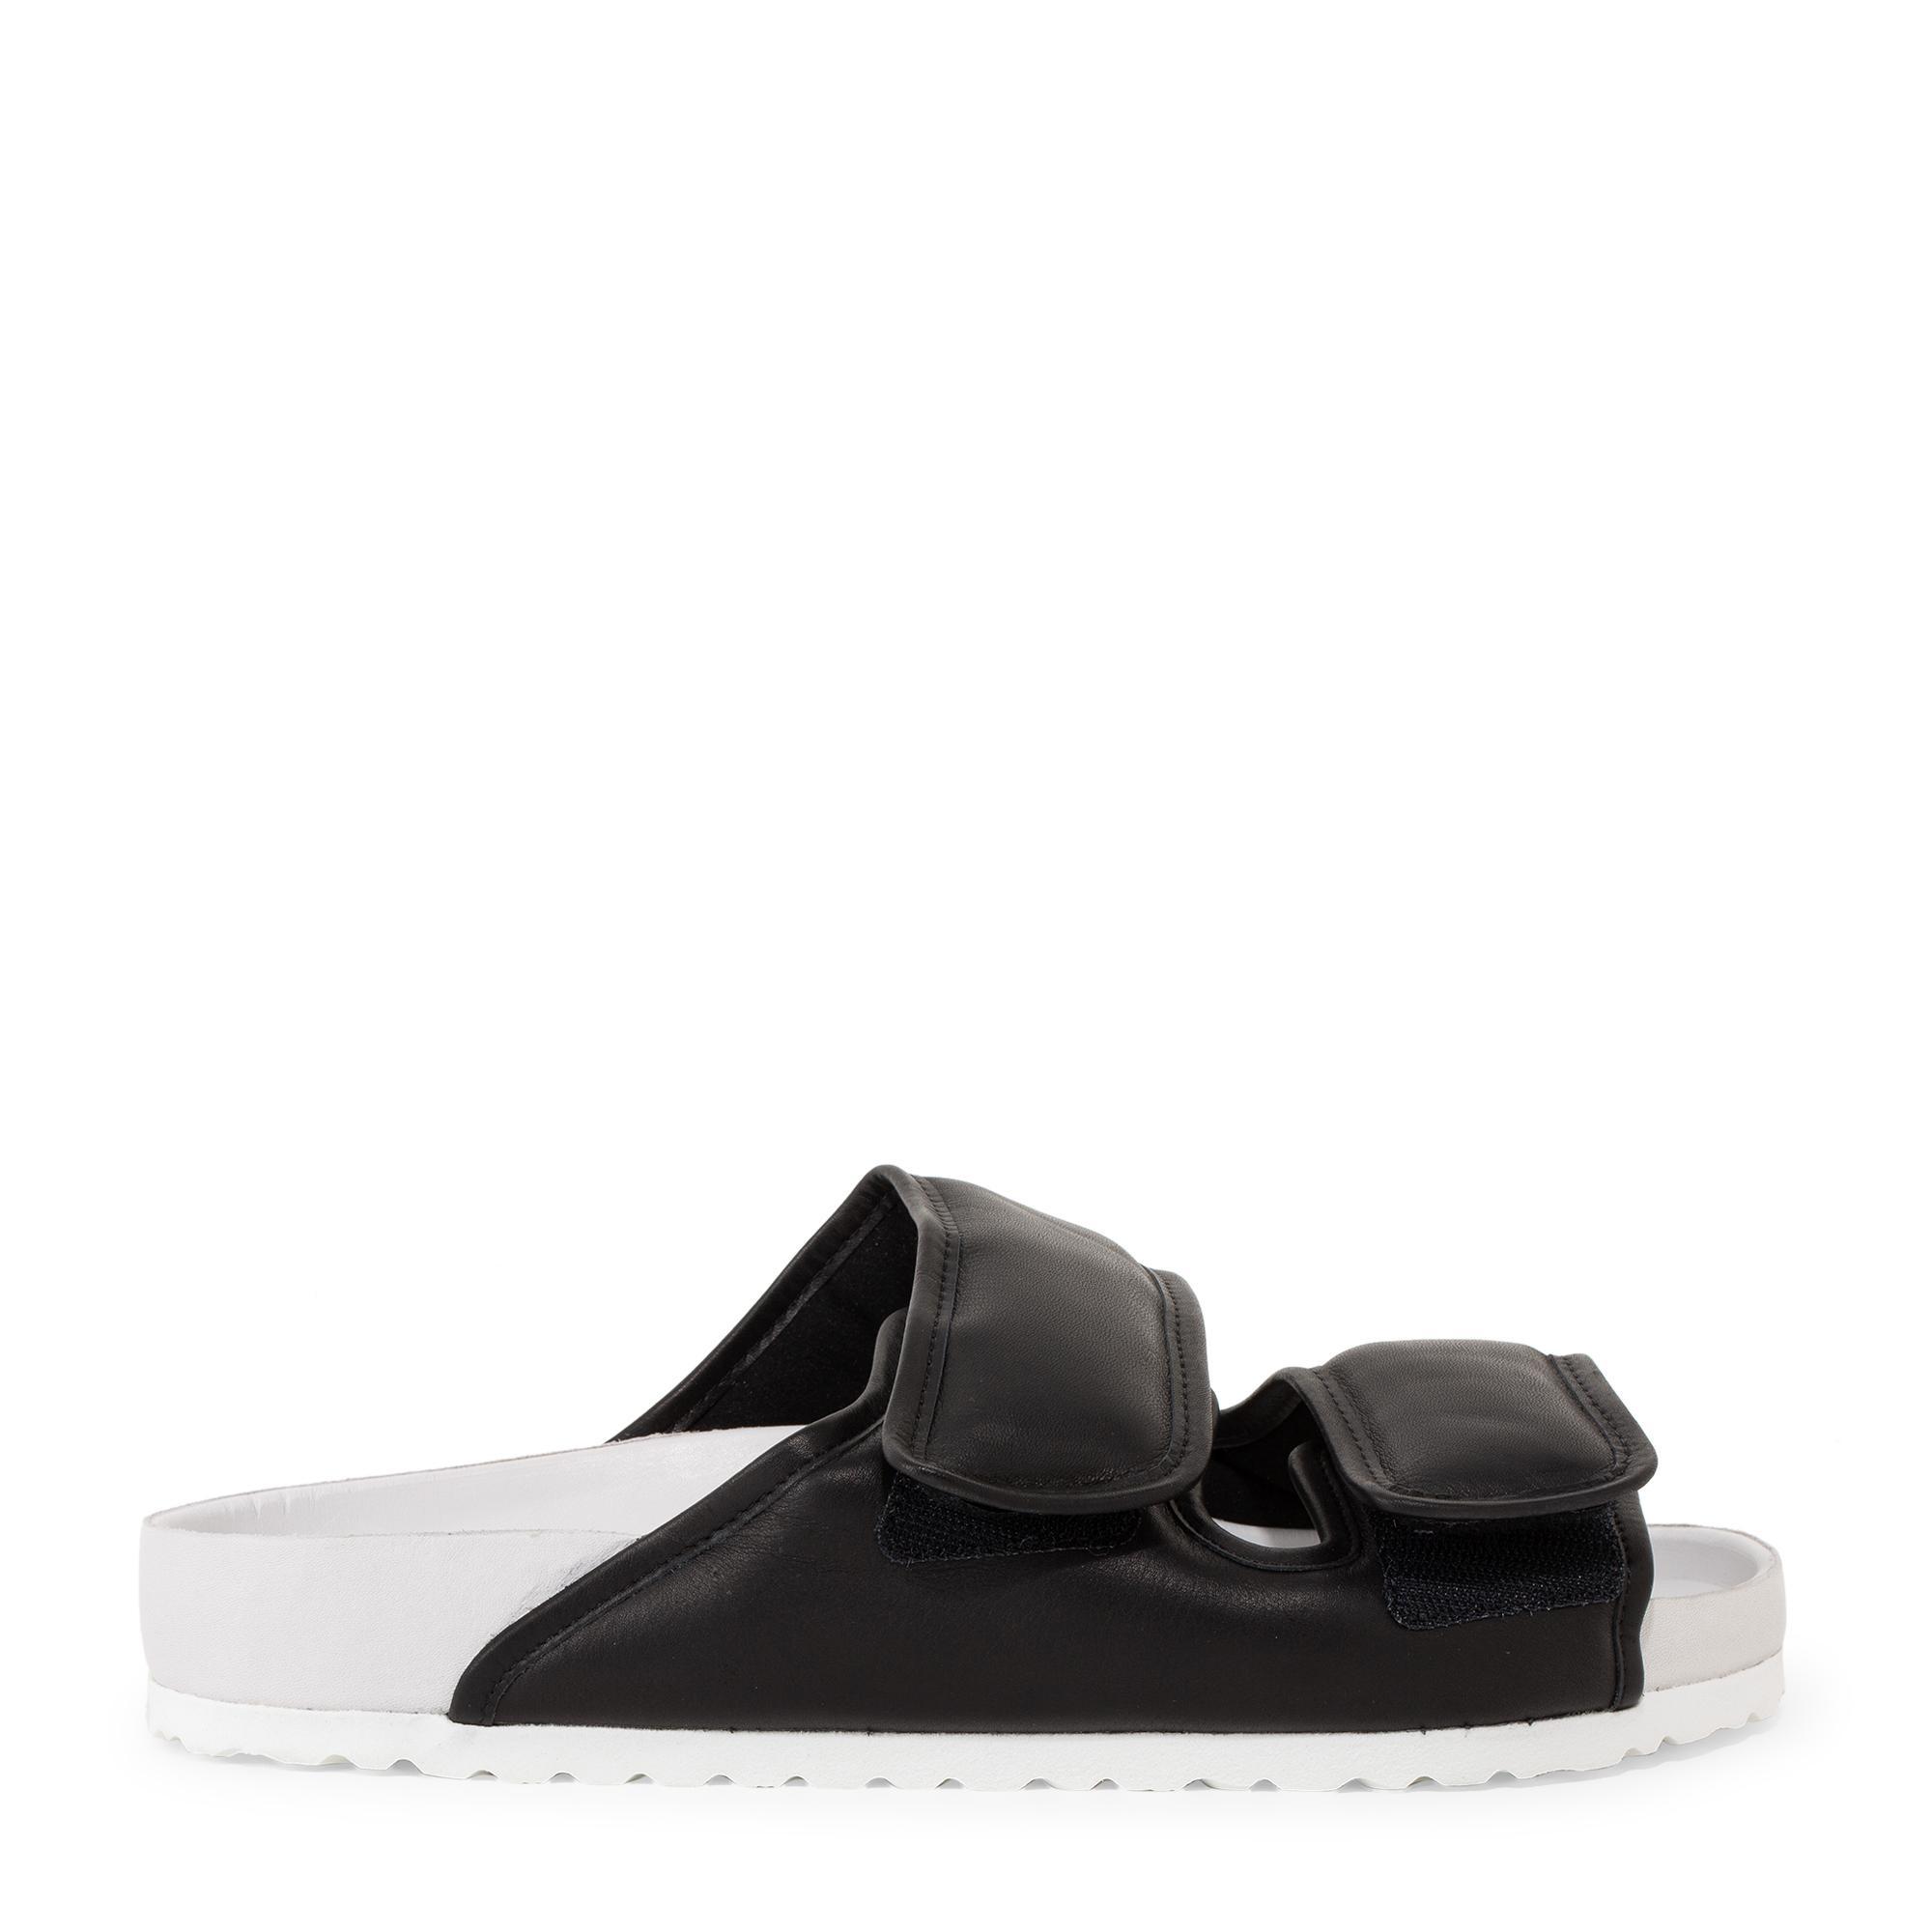 x CSM Cosy sandals